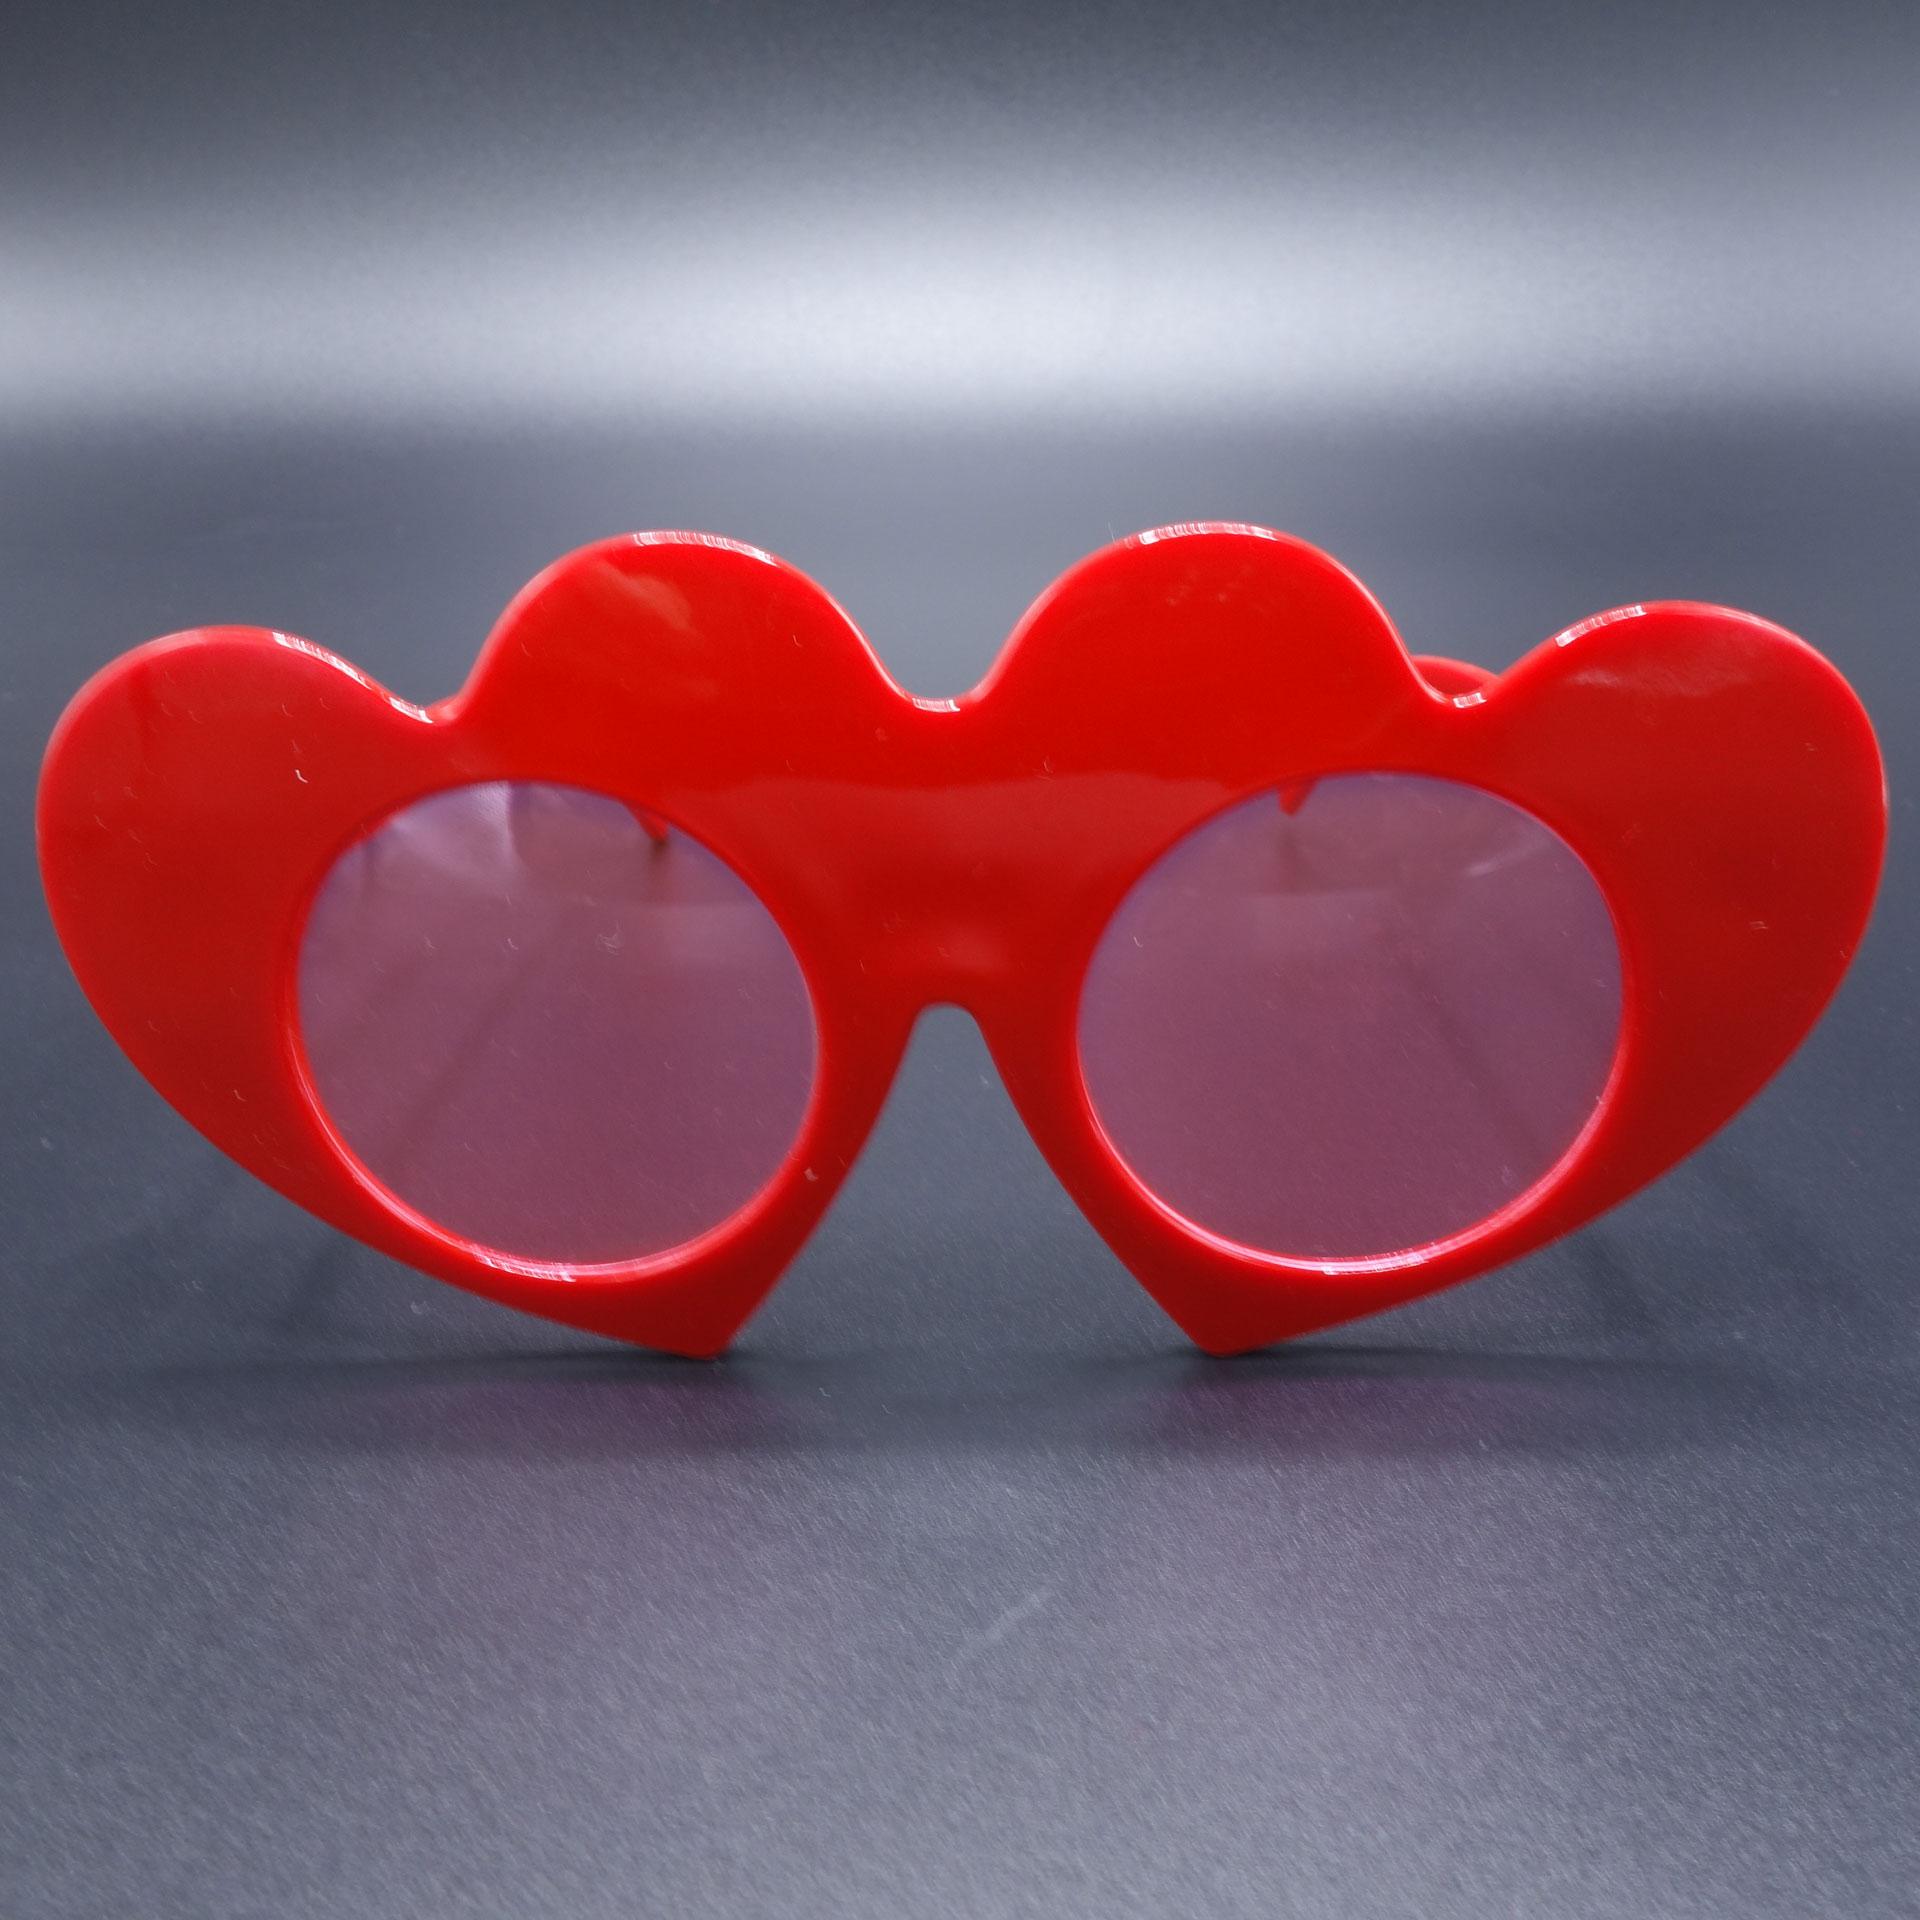 Partybrille Spassbrille Scherzartikel Brille Herz